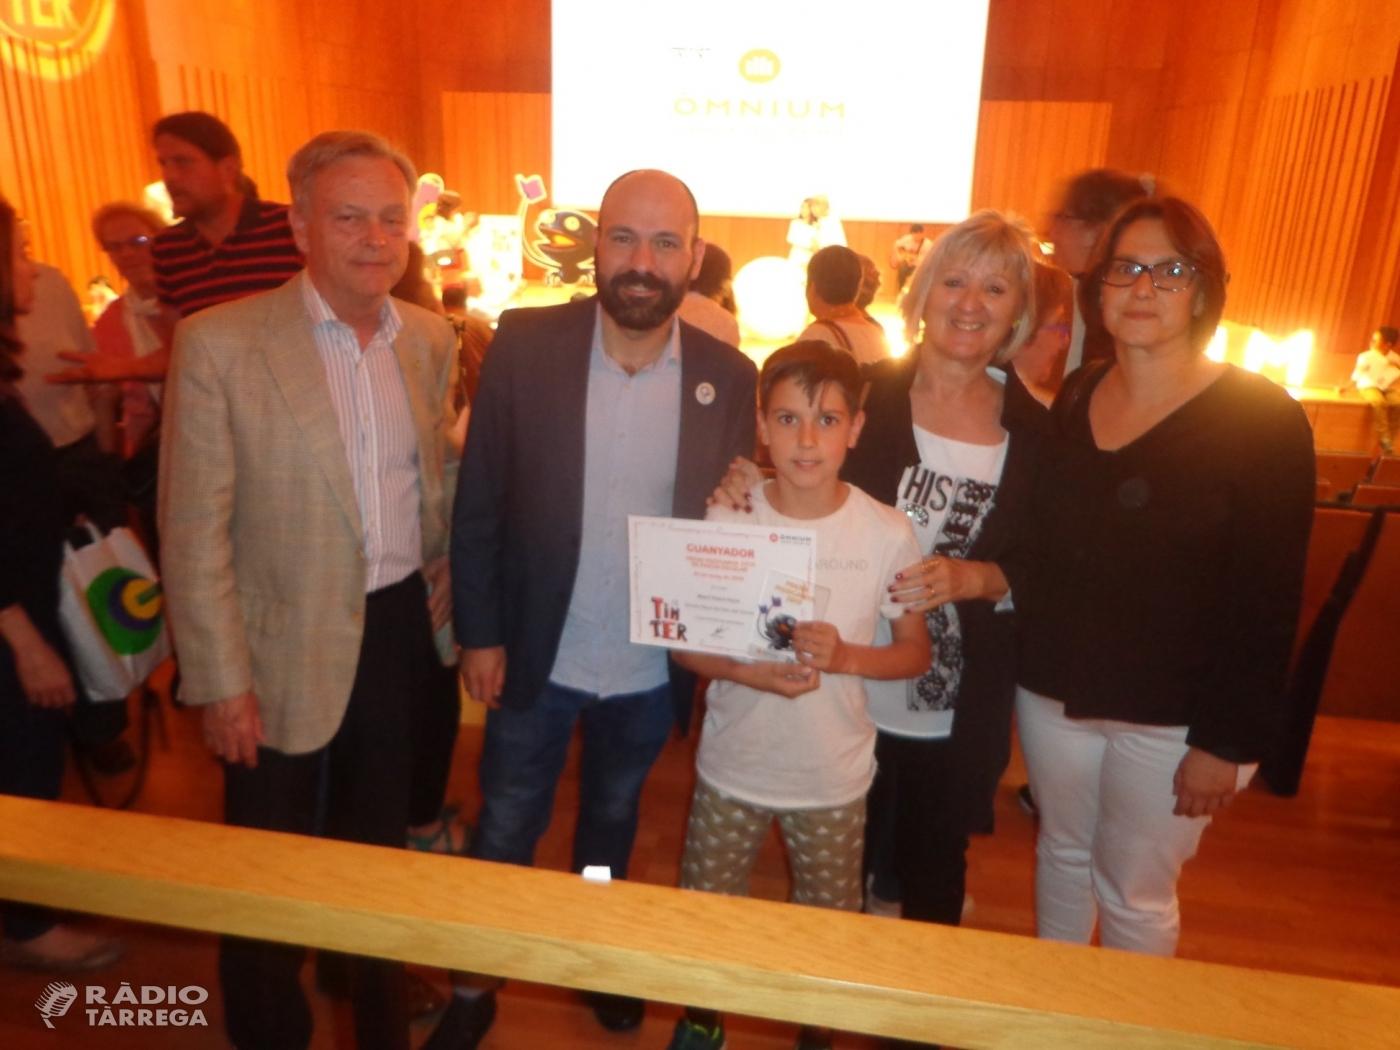 Premis el Tinter de les Lletres Catalanes 2019